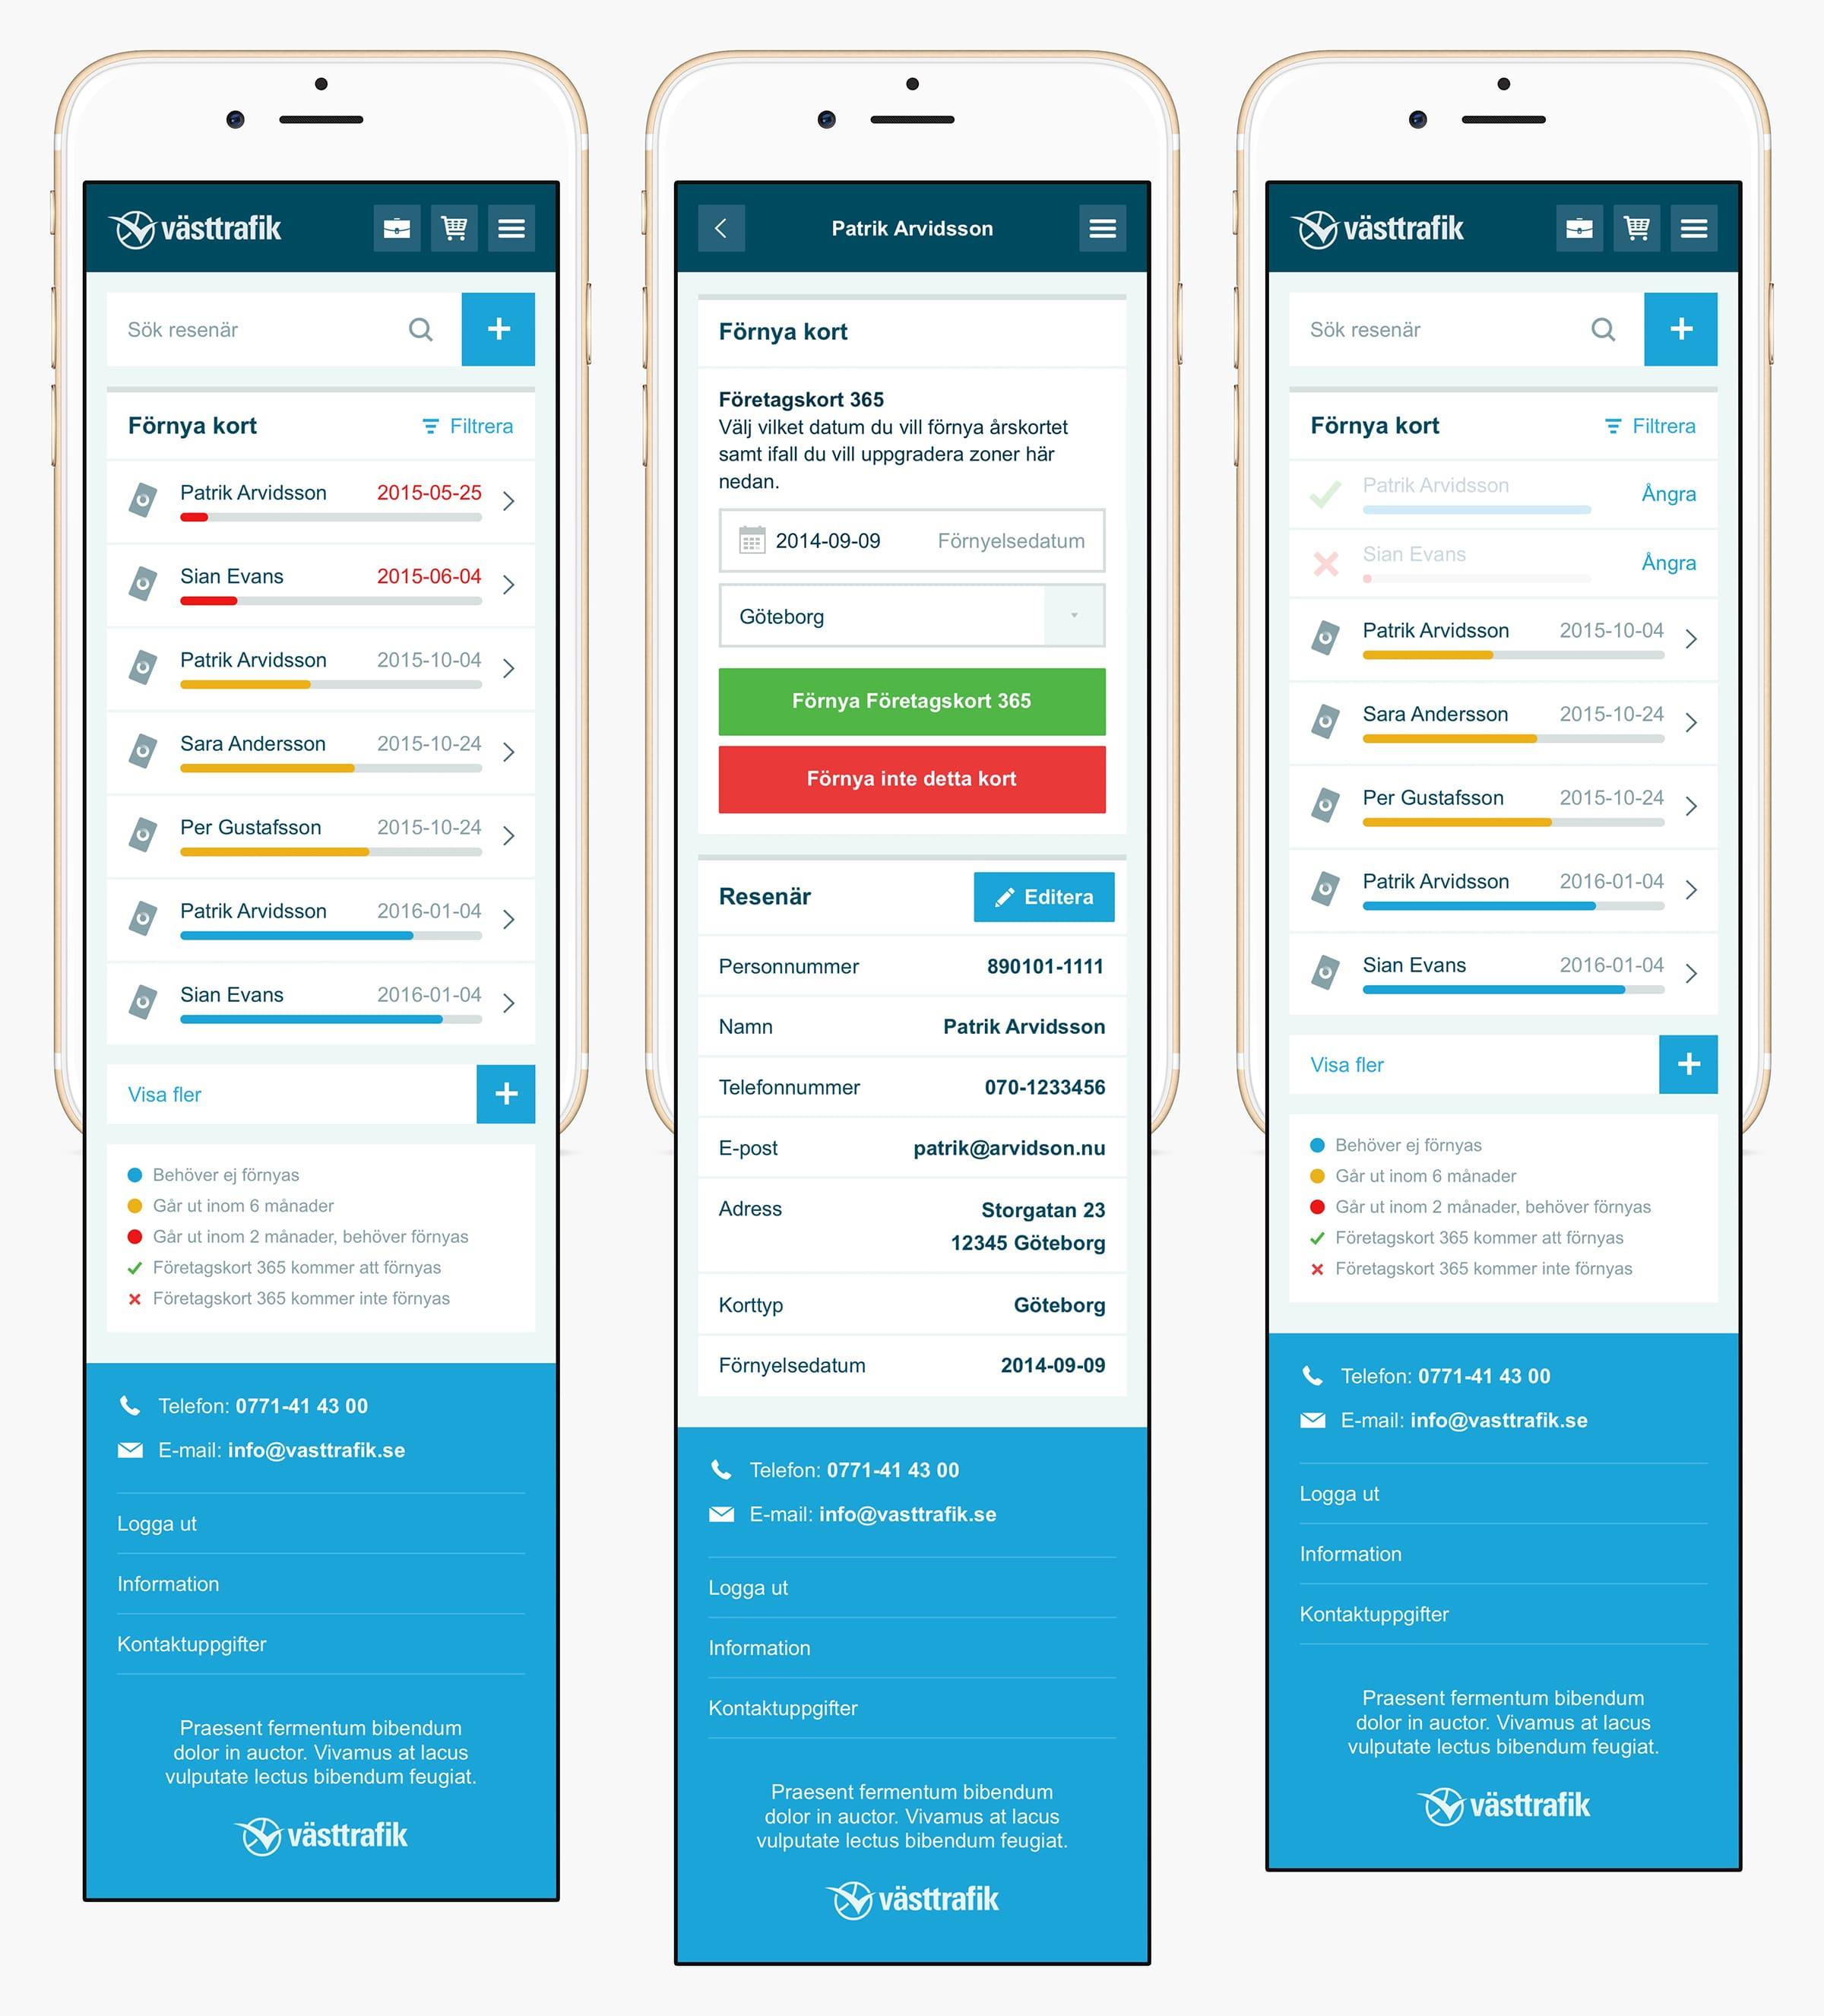 Västtrafik Portal mobile renewal